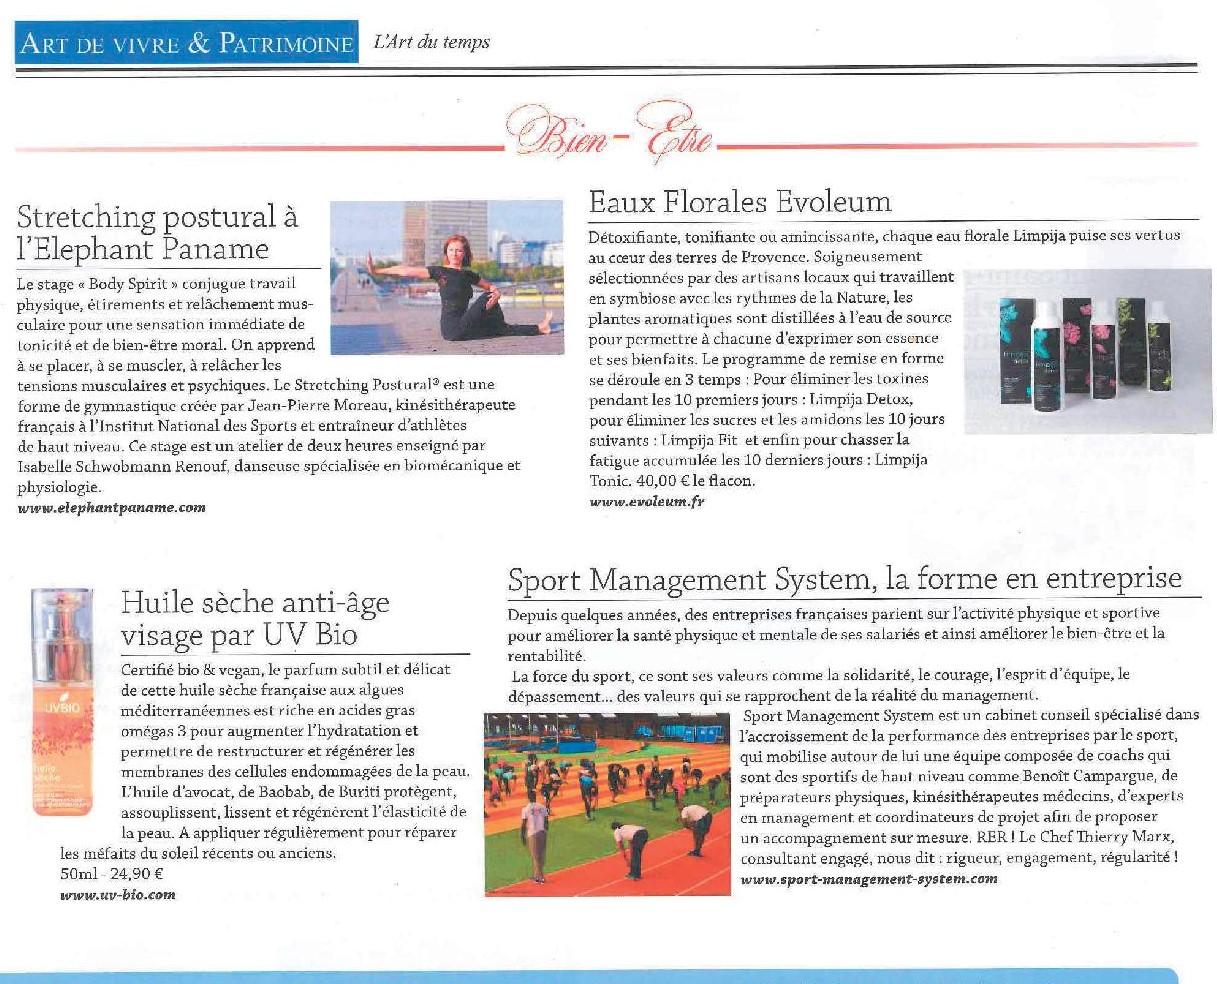 EcoRéseau Business 400PPI